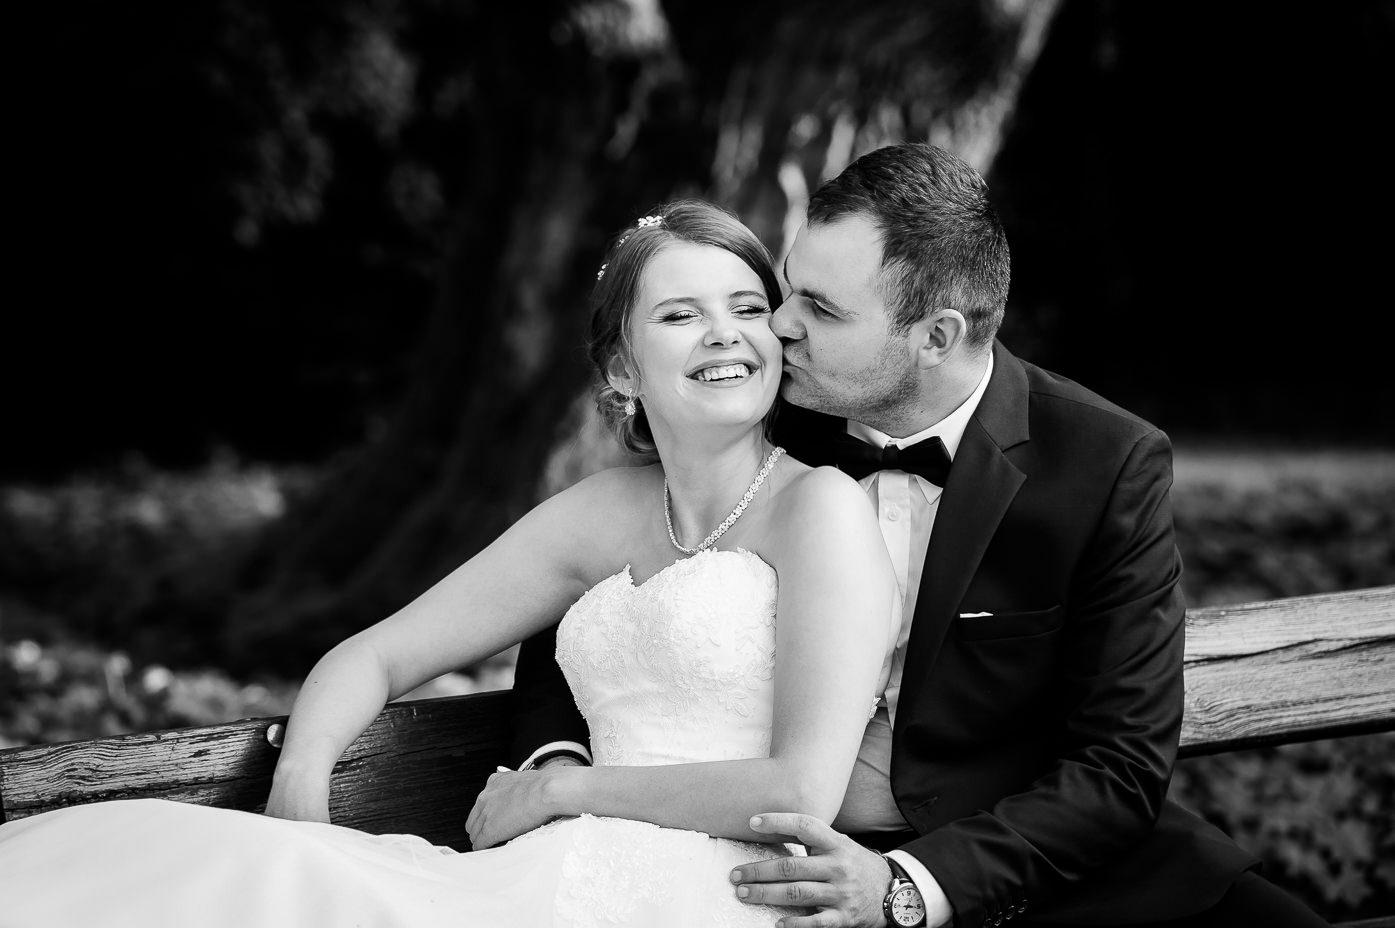 klasyczne czarno białe zdjęcia ślubne fotograf-weselny-Pruszcz-Gdański-fotografia-ślubna-Pruszcz-Gdański-sesja-ślubna-Pruszcz-Gdański-